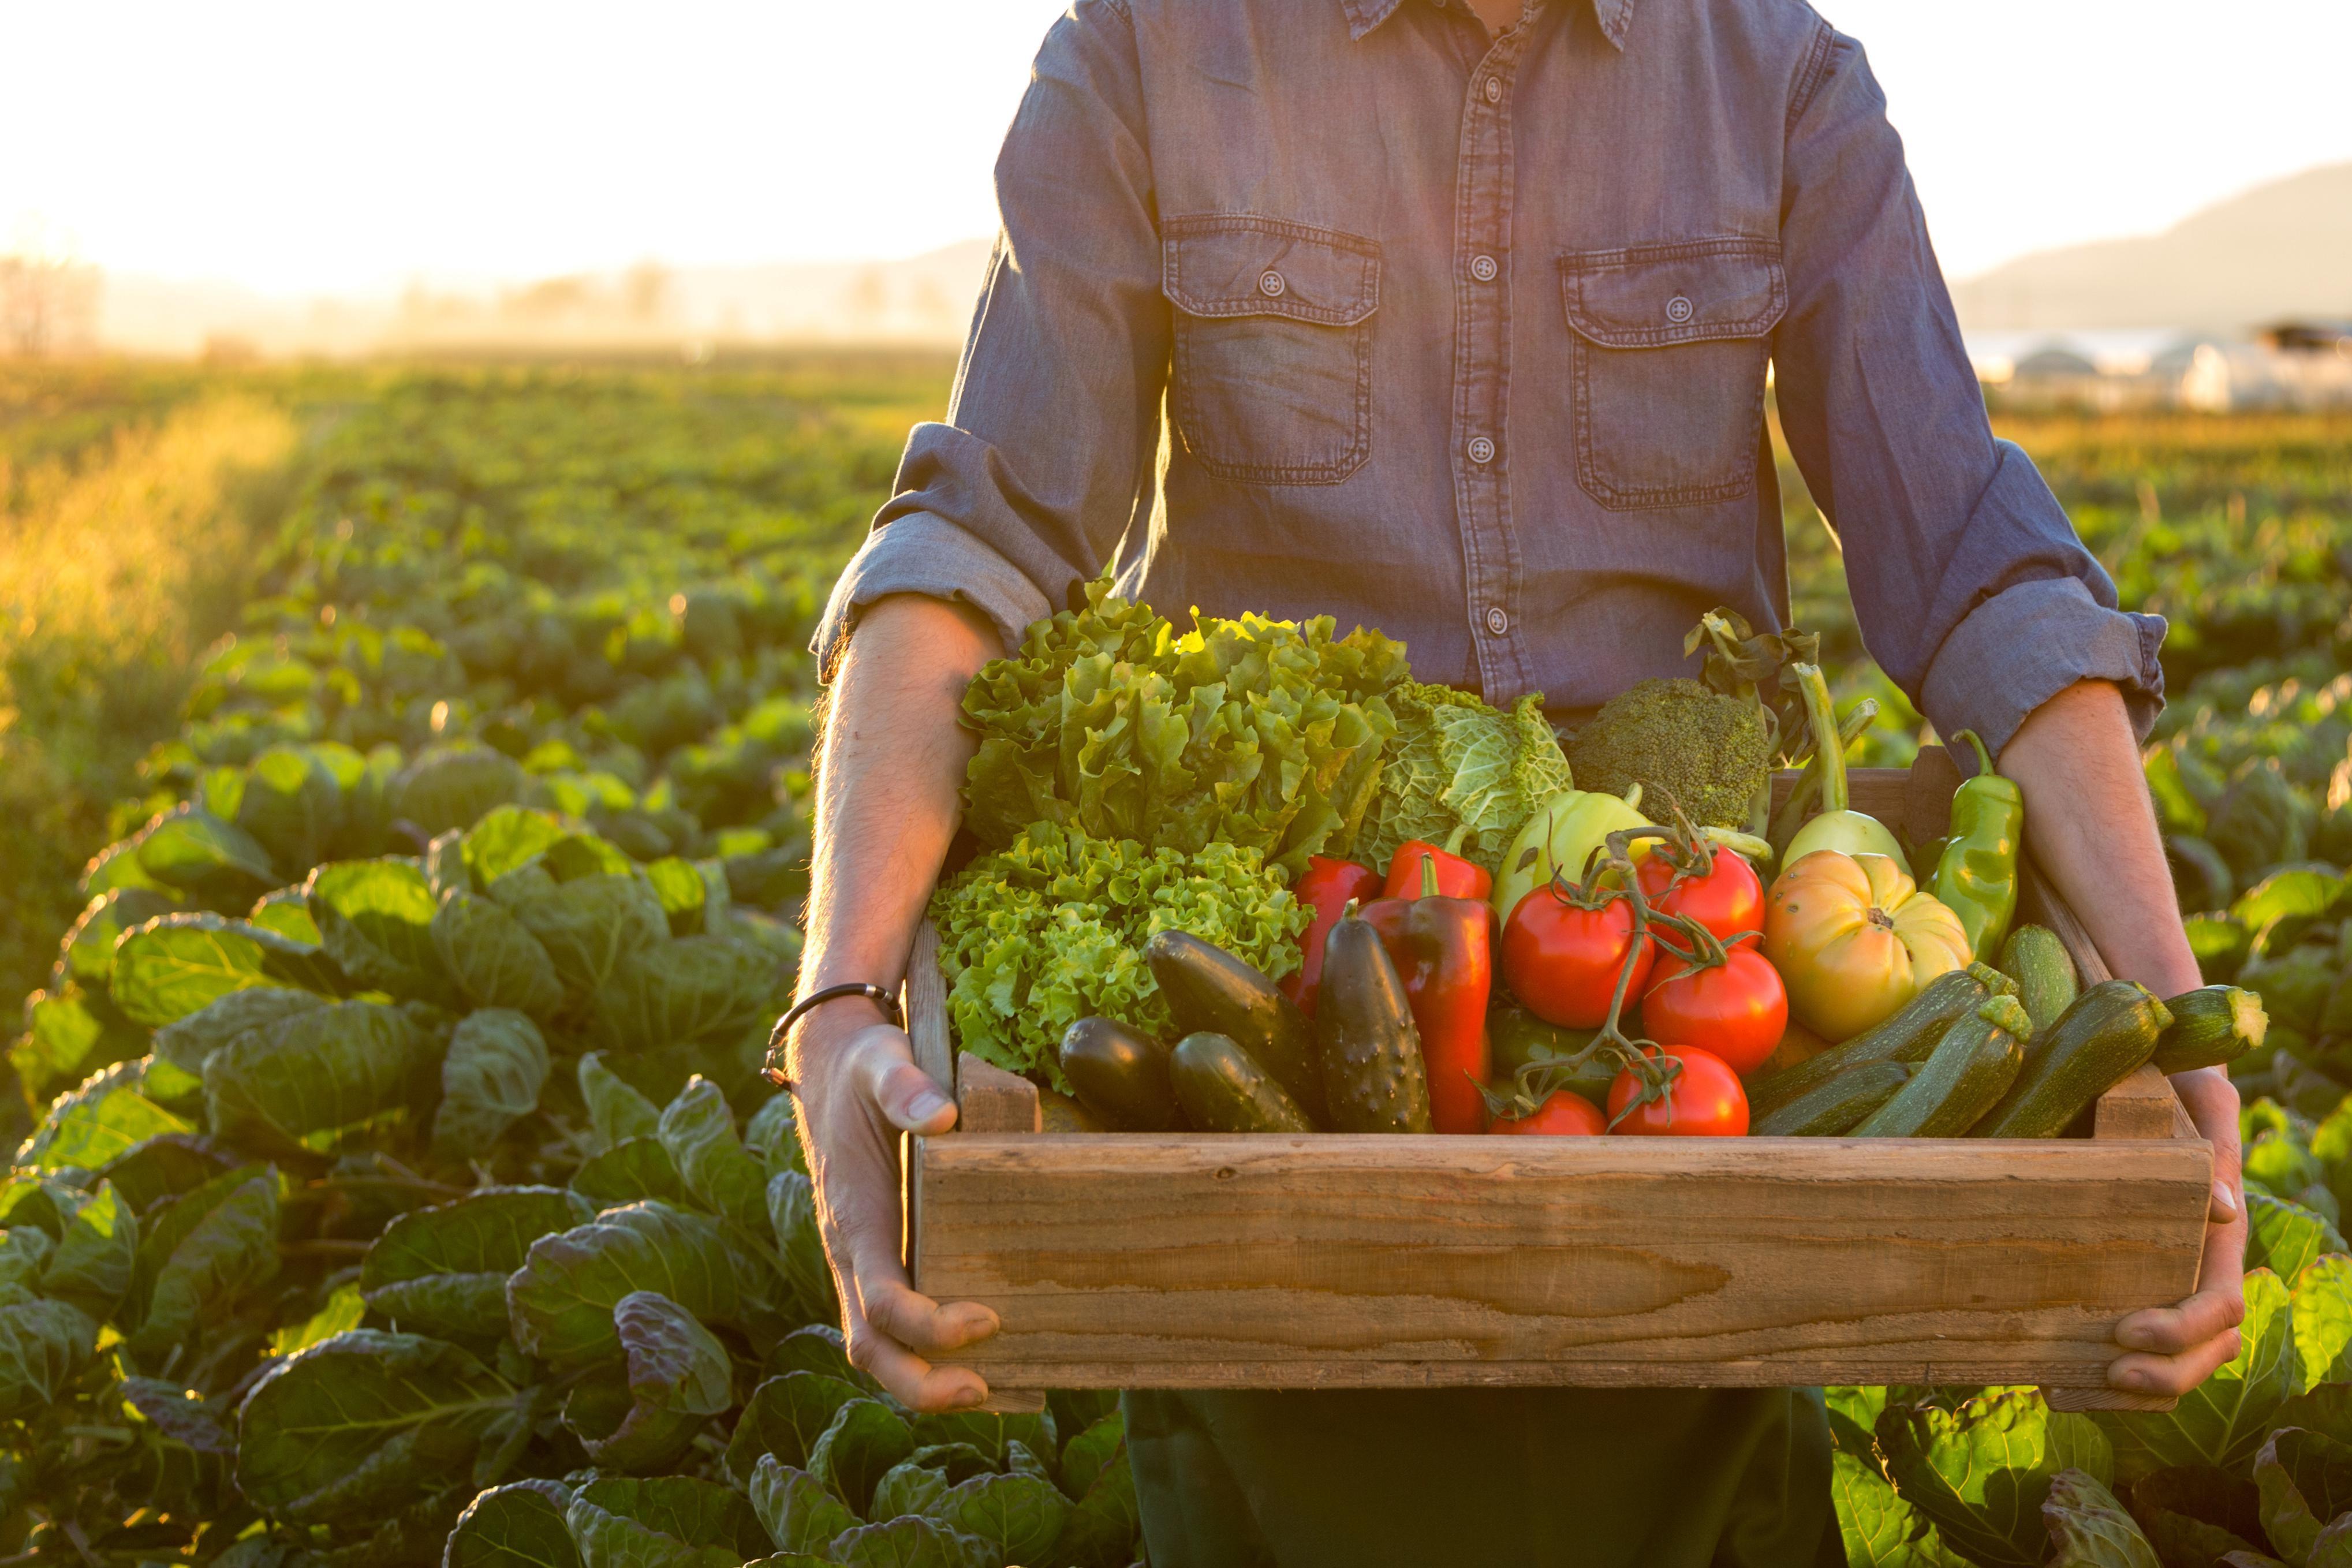 Mevsimine uygun olmayan beslenme tarzı tehlike saçıyor #2